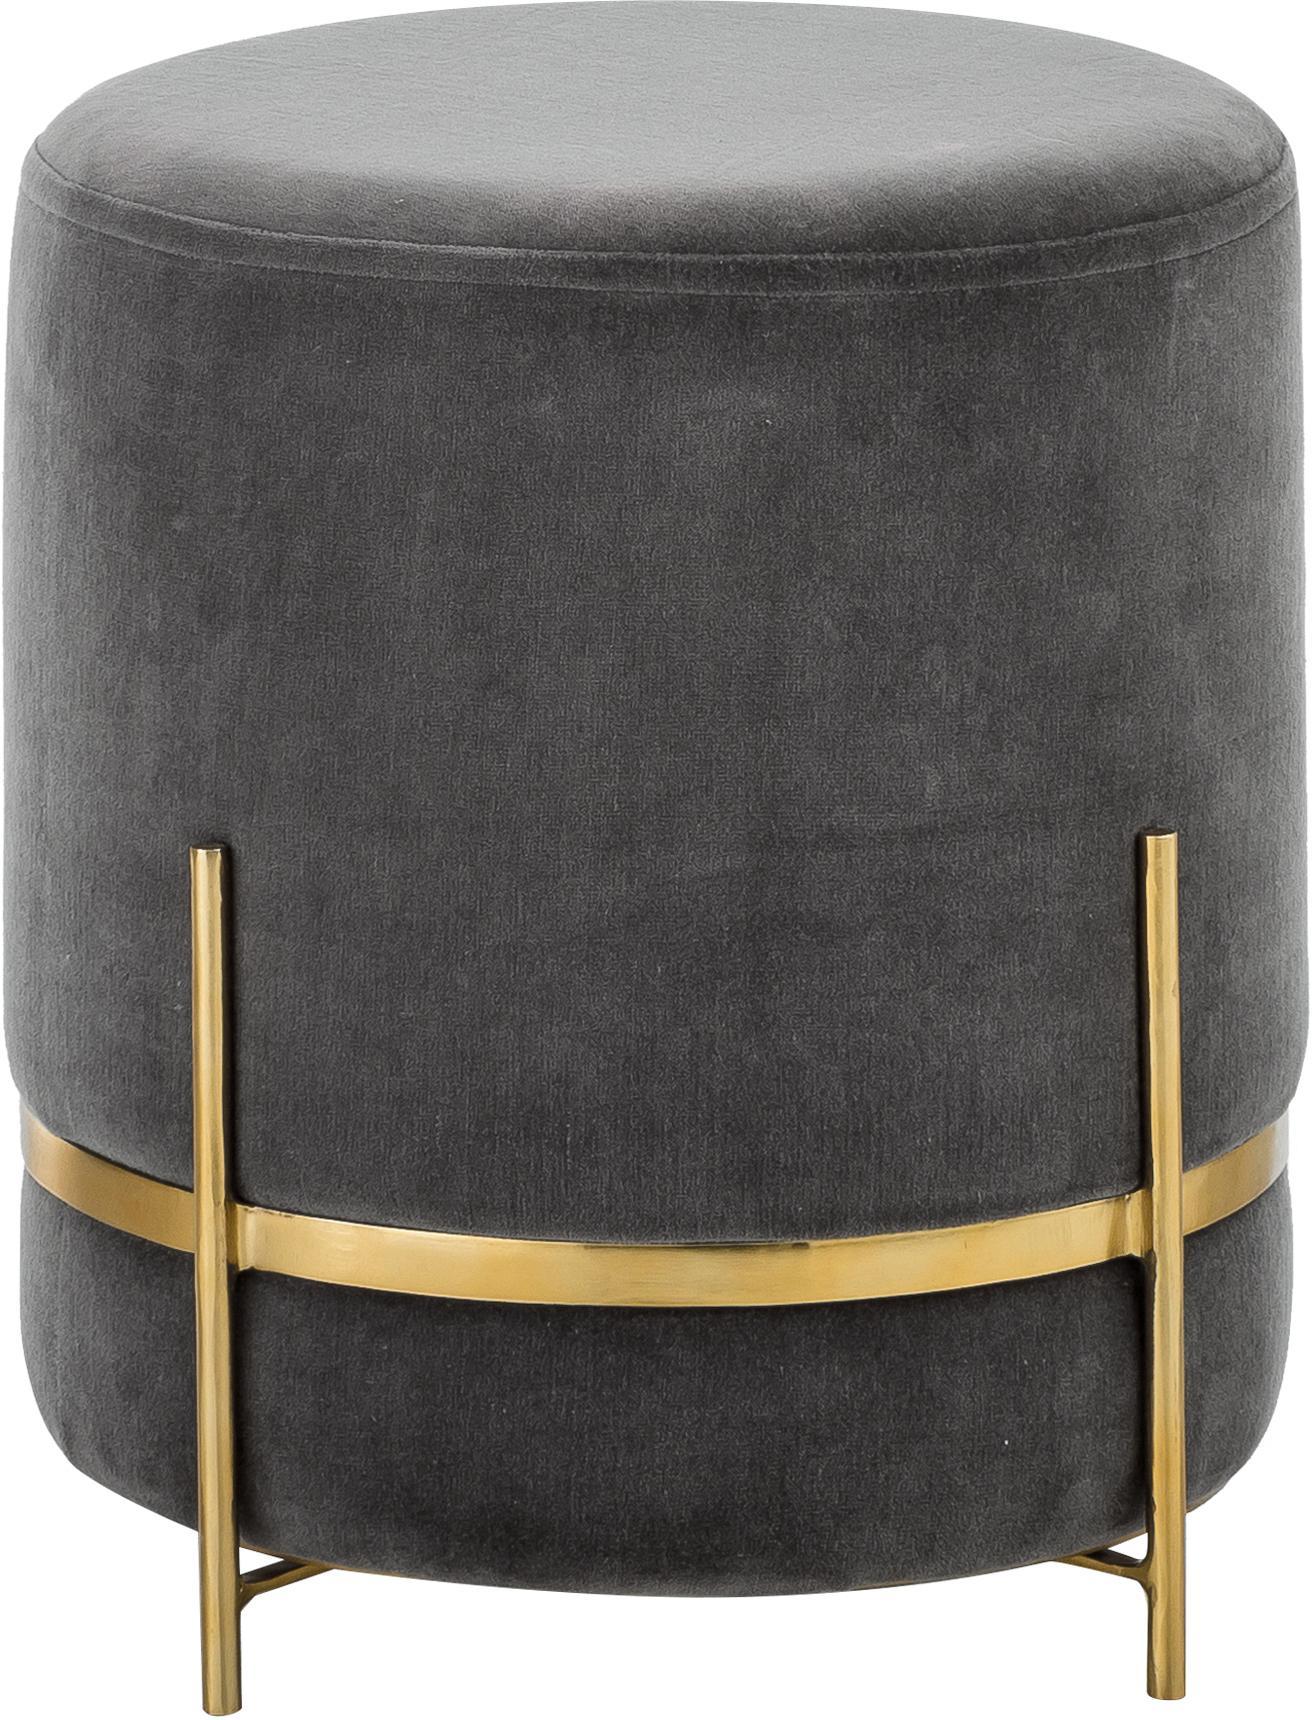 Pouf in velluto Haven, Rivestimento: velluto, Grigio, dorato, Ø 38 x A 45 cm